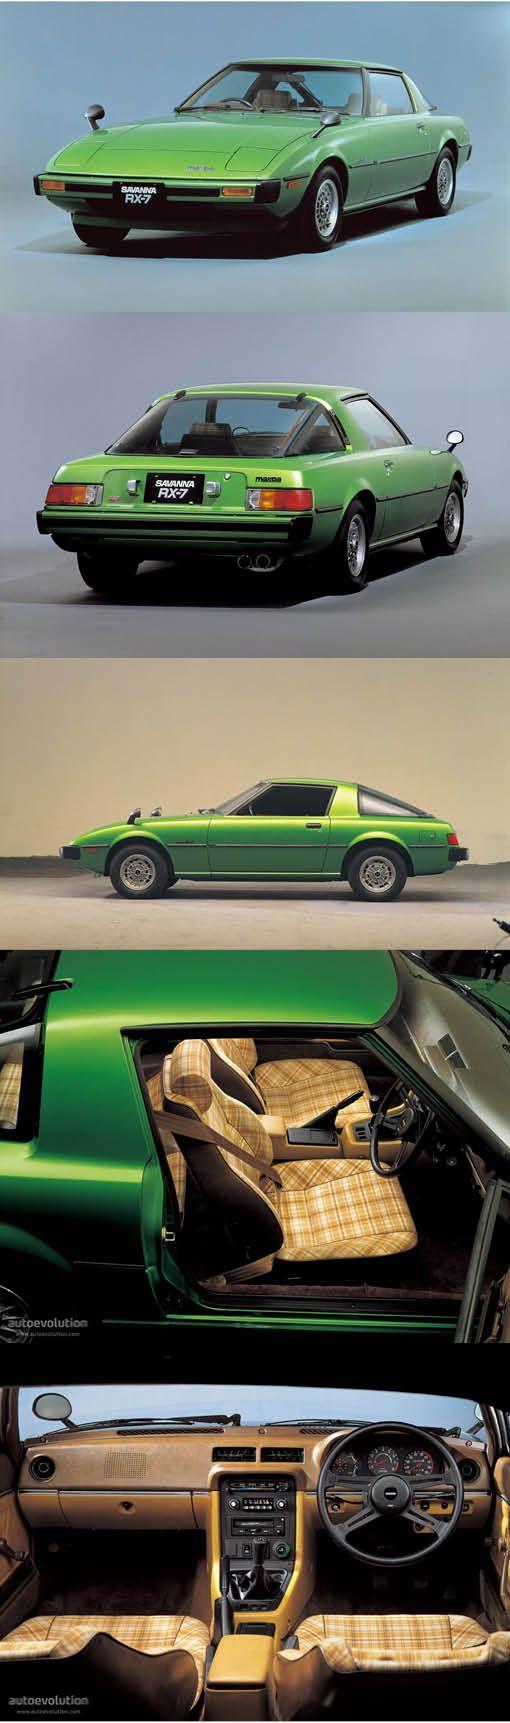 1978 Mazda RX-7 / 105-115hp / Rotary / Japan / green / SA/FB